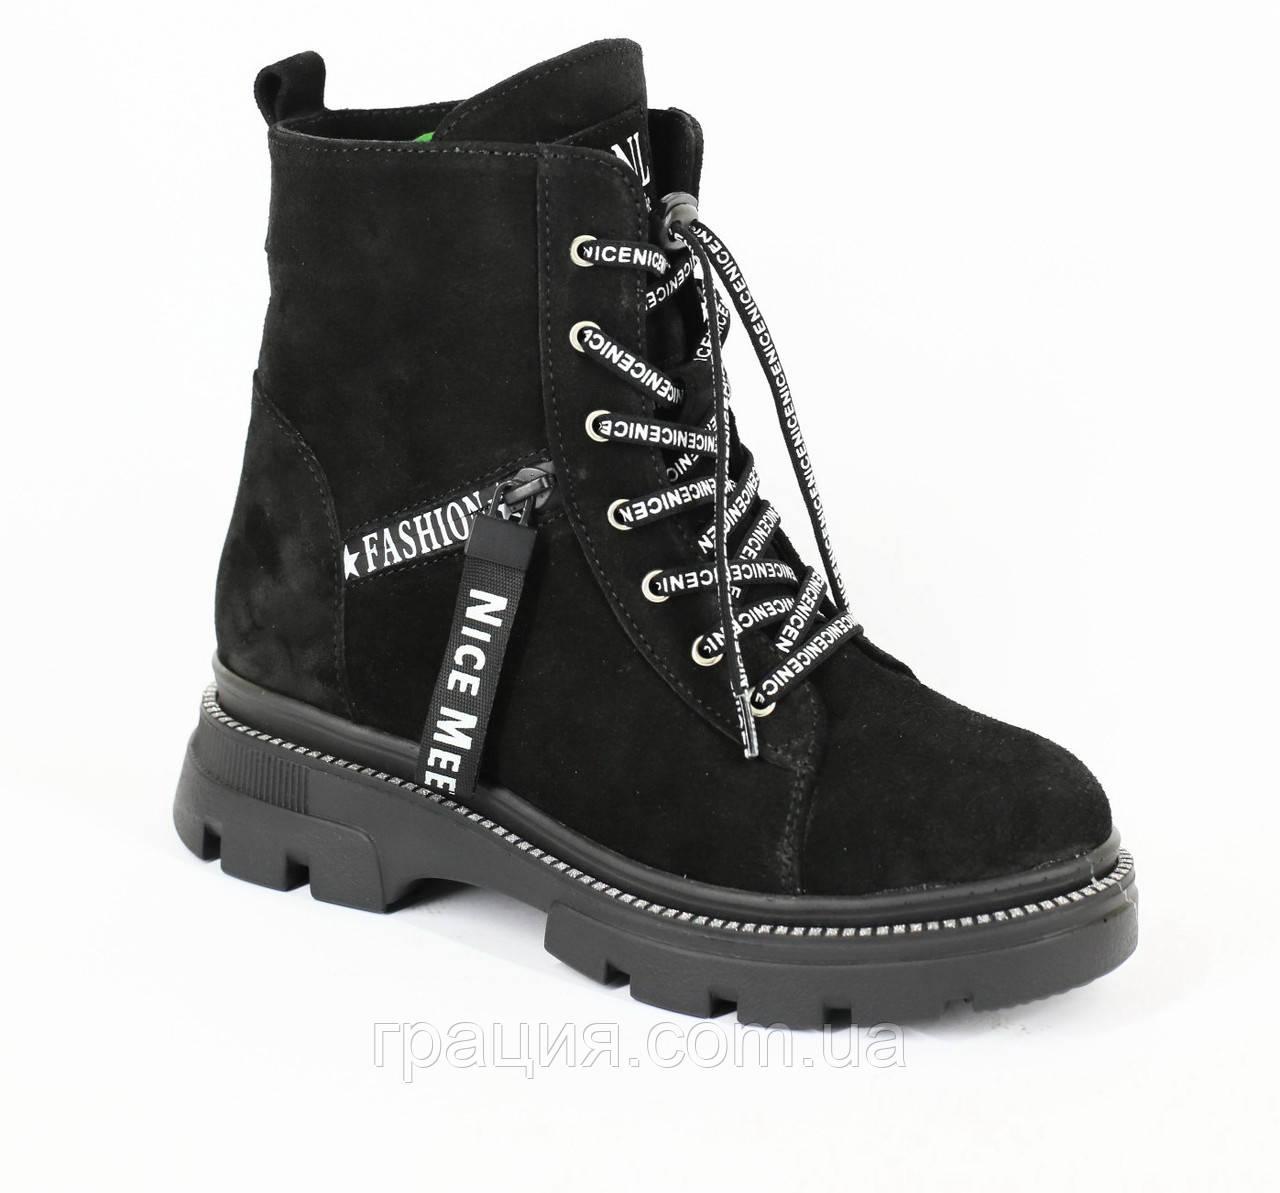 Стильні молодіжні зимові замшеві черевики